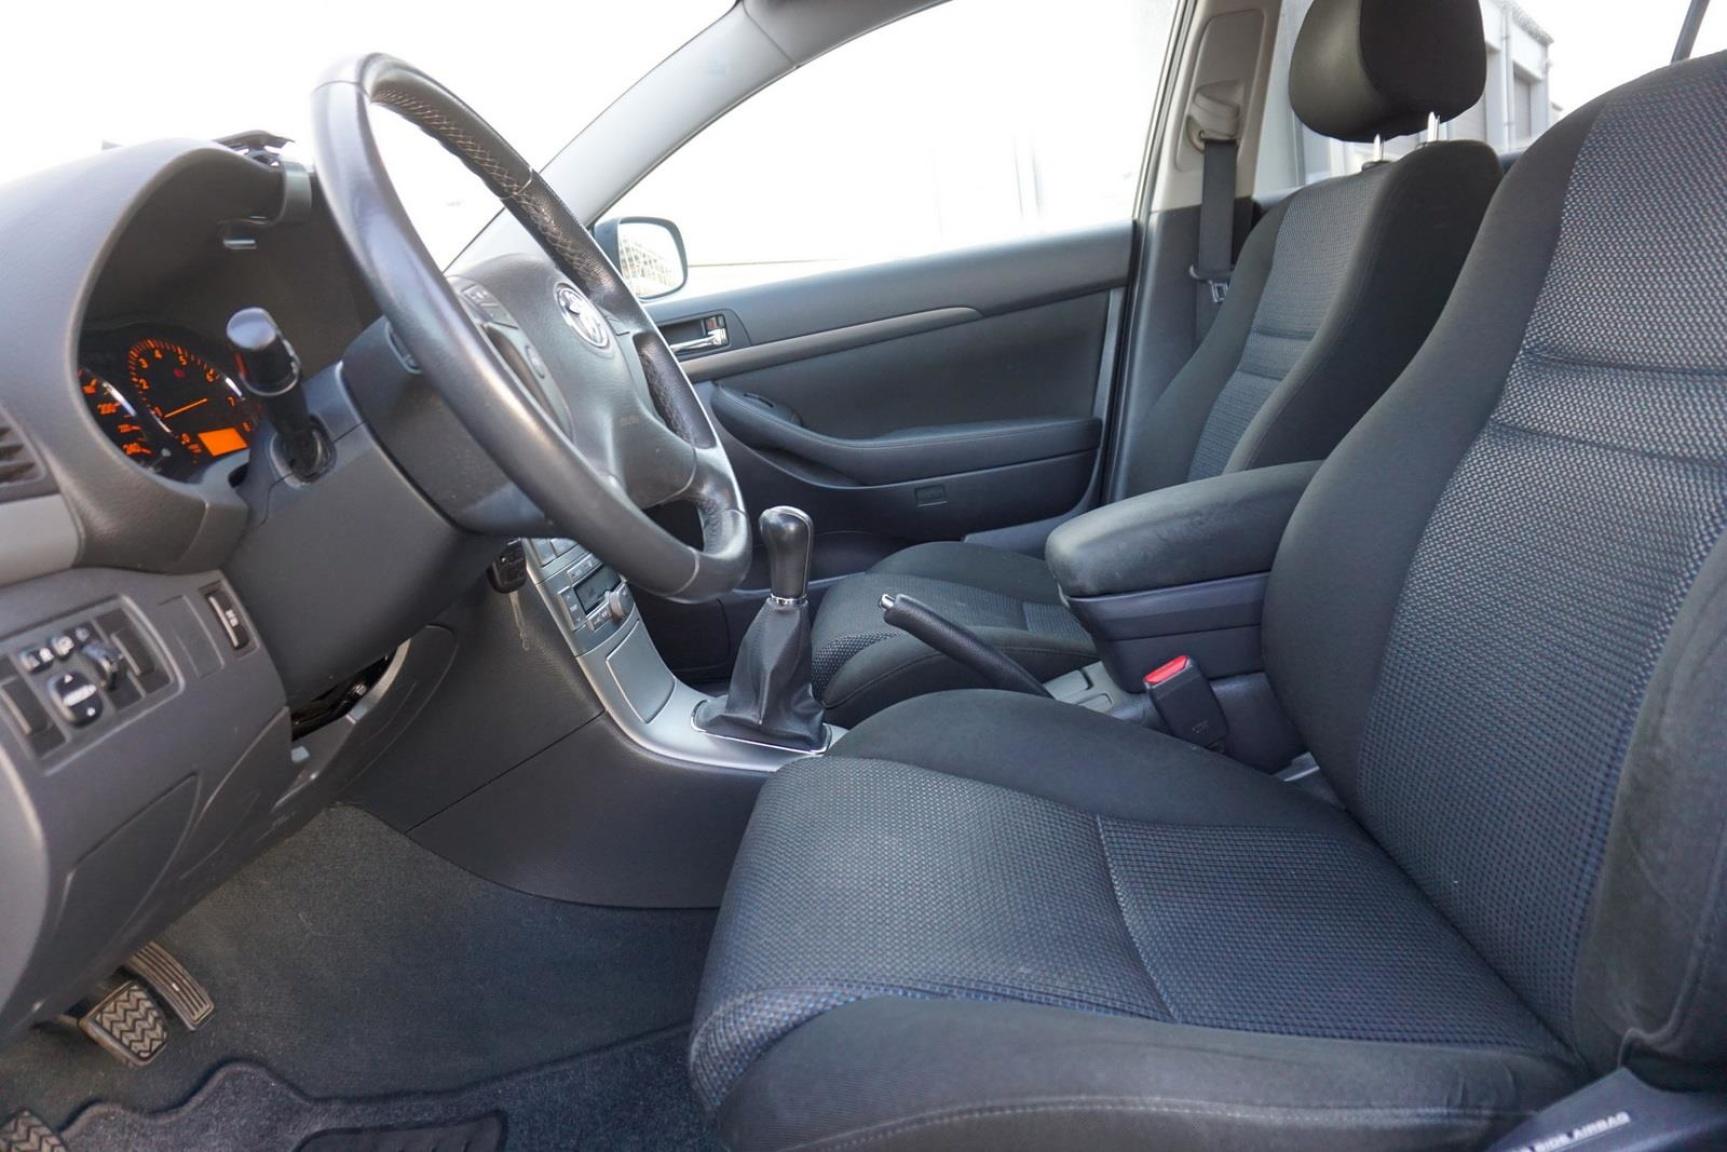 Toyota-Avensis-5